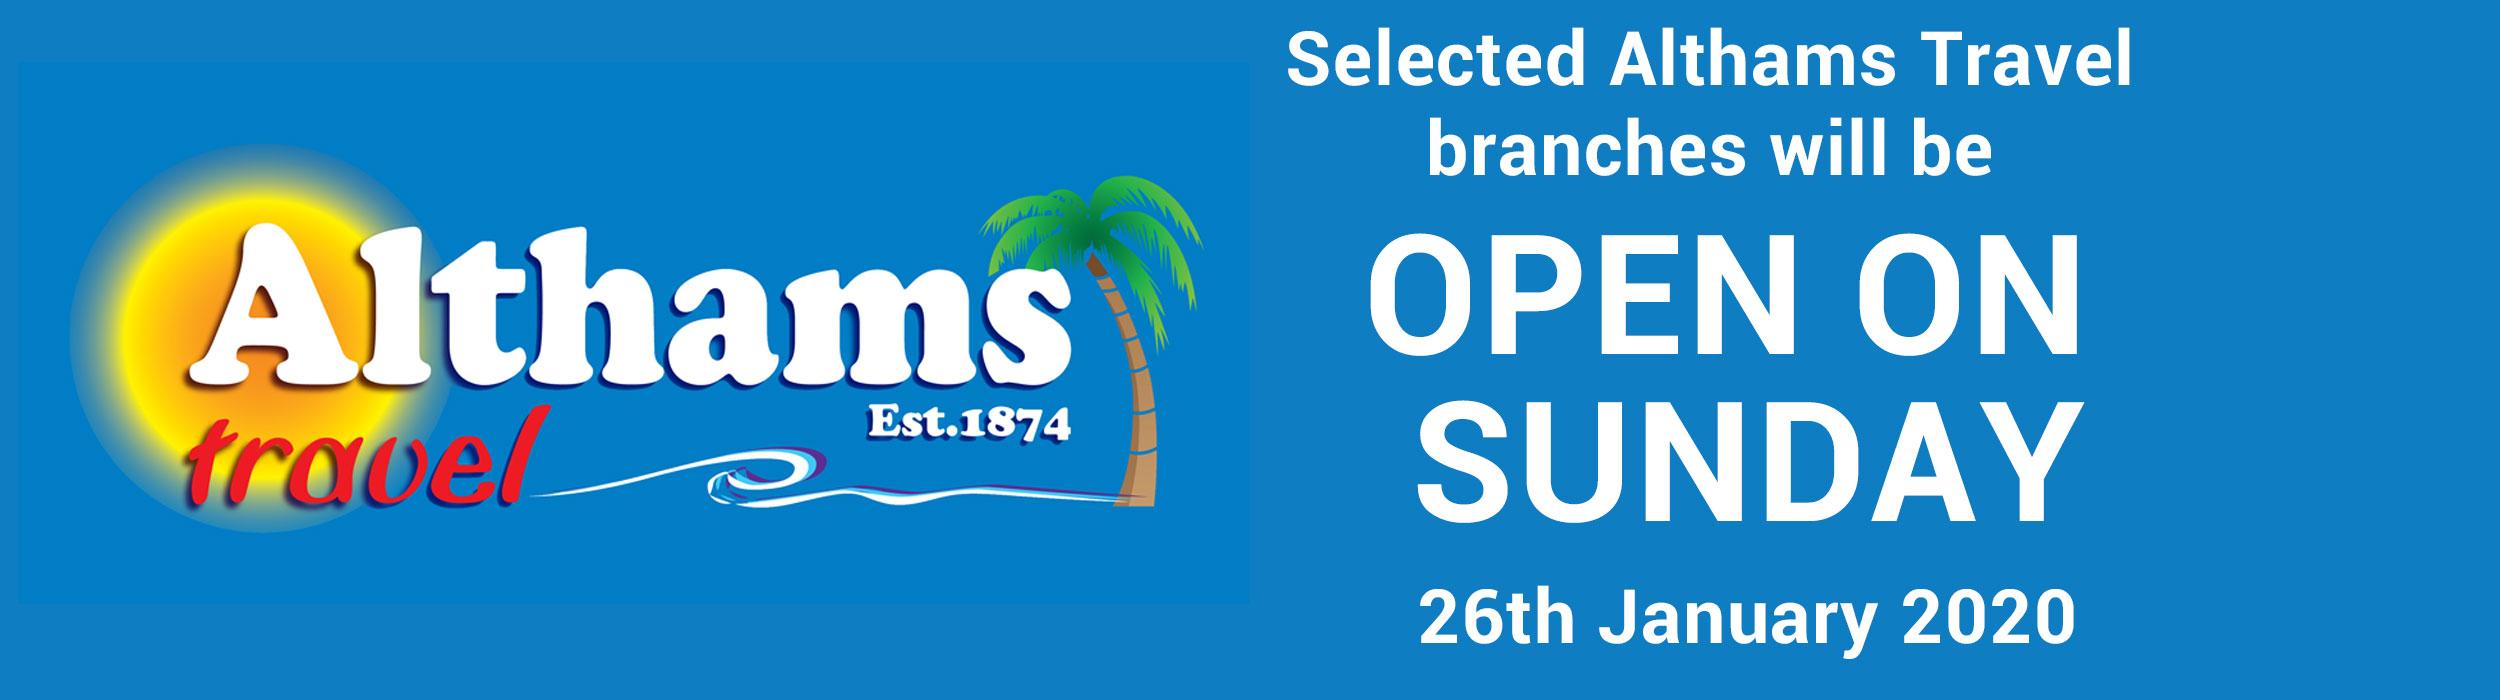 Open-on-Sunday-26th